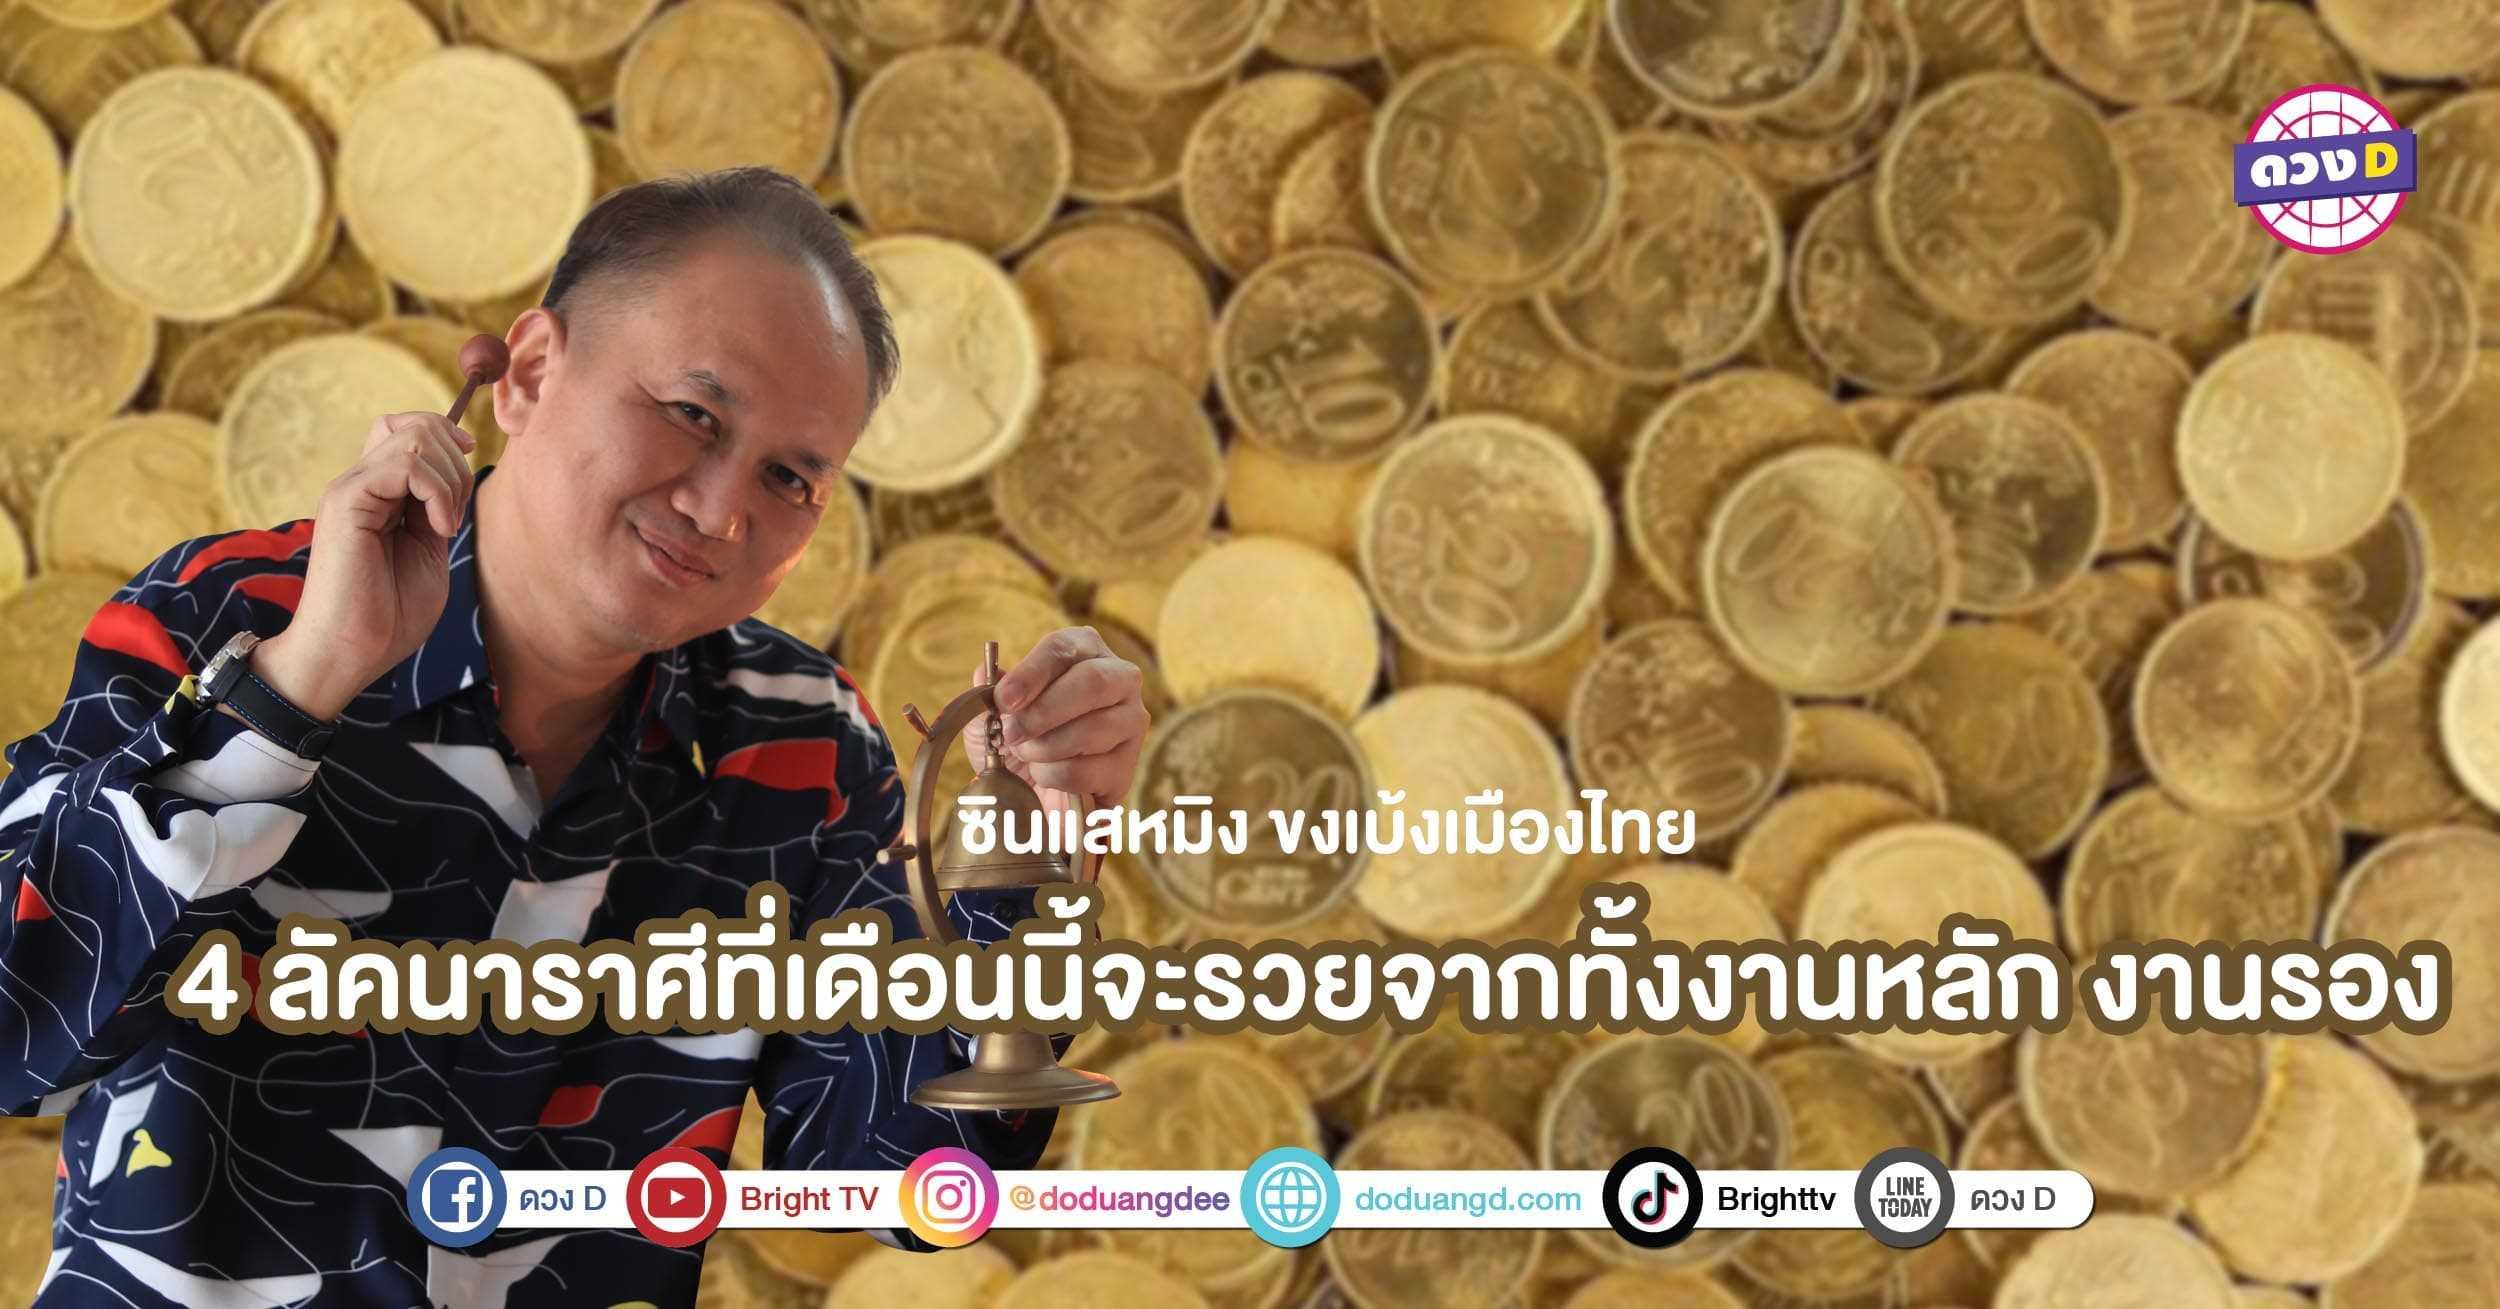 ดวงการเงิน ซินแสหมิง เผย 4 ลัคนาราศีที่เดือนนี้จะรวยทั้งจากงานหลักและงานรอง